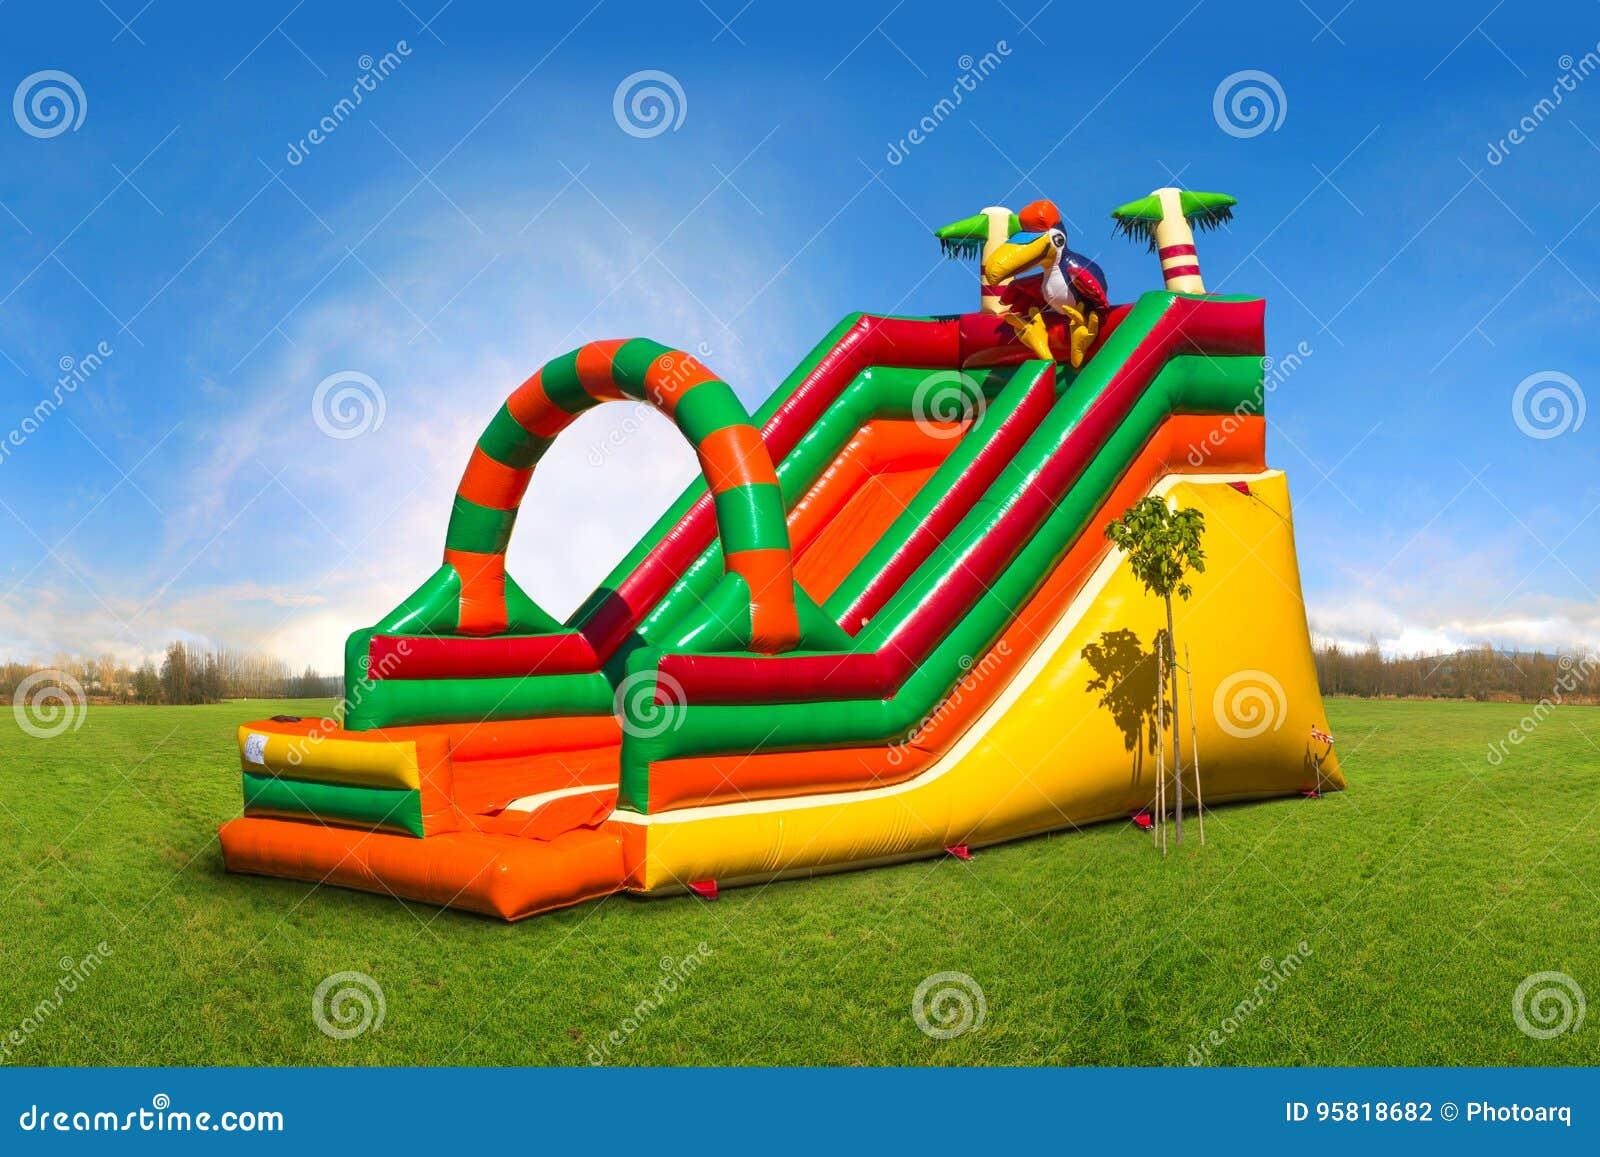 Corrediça inflável colorida enorme no campo de jogos